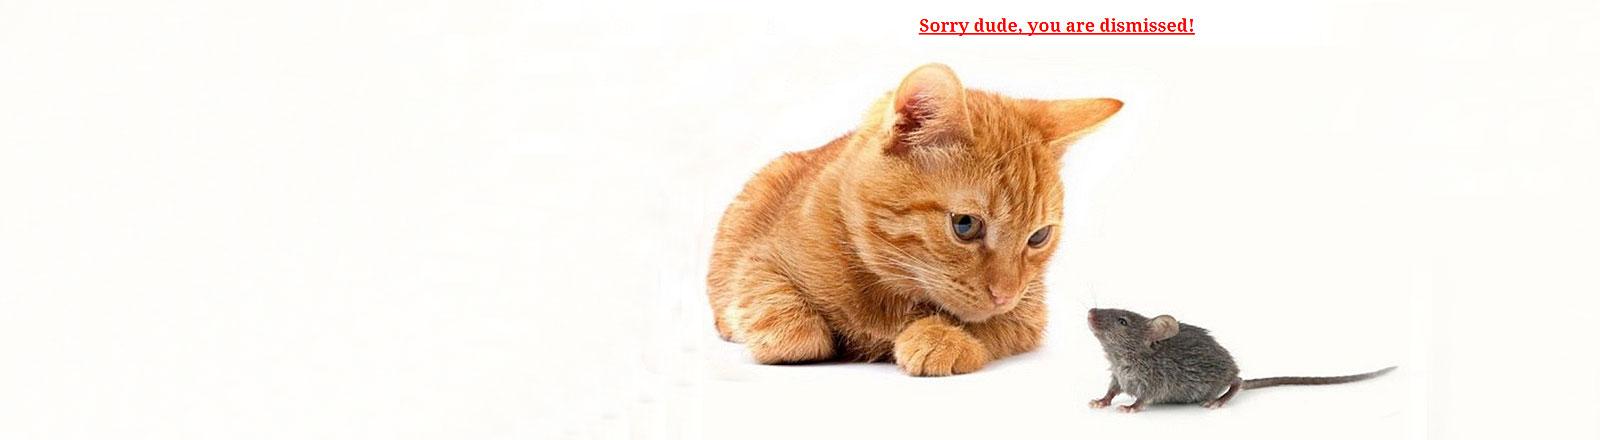 Katze schaut auf Maus, Schriftzug: Sorry dude, you are dismissed!